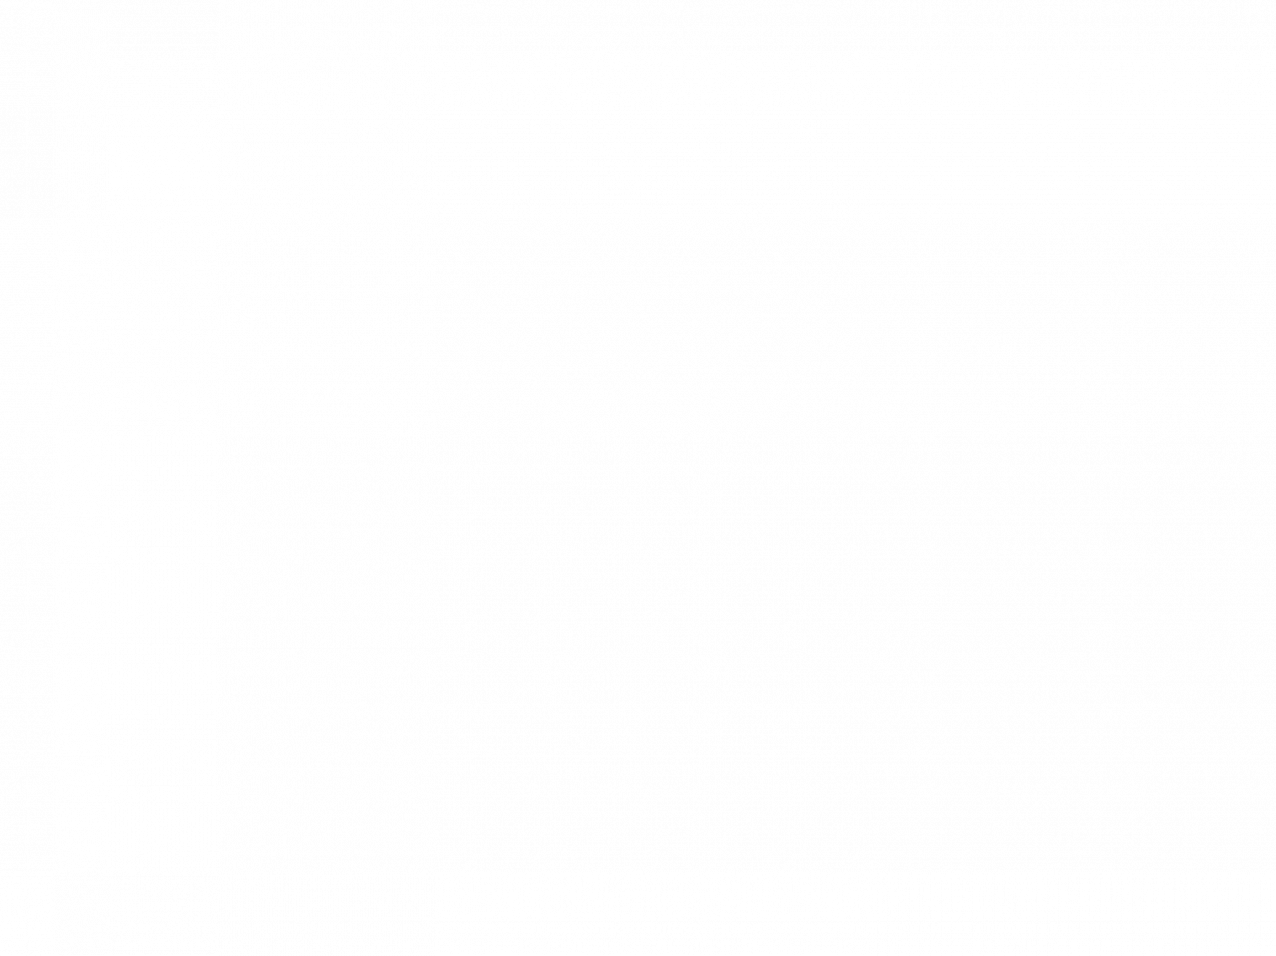 Snúningplatti – RB-180